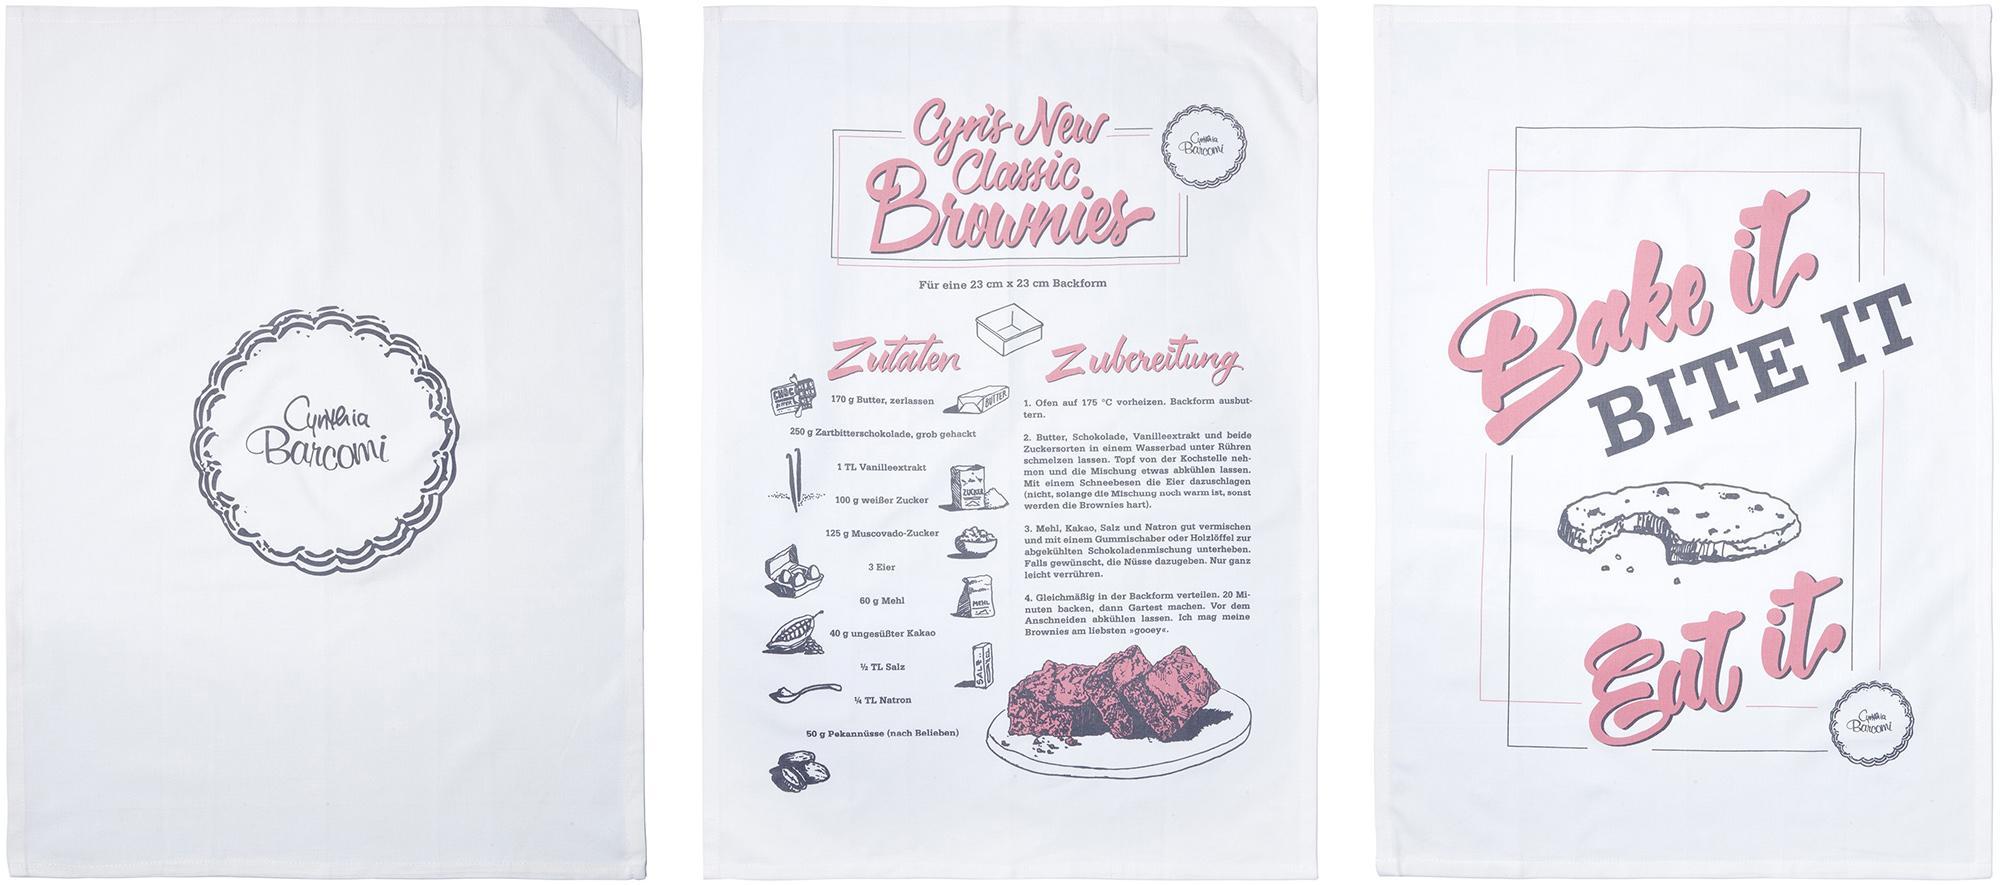 Cynthia Barcomi Geschirrtuch, reine Baumwolle bunt Geschirrtücher Küchenhelfer Haushaltswaren Geschirrtuch